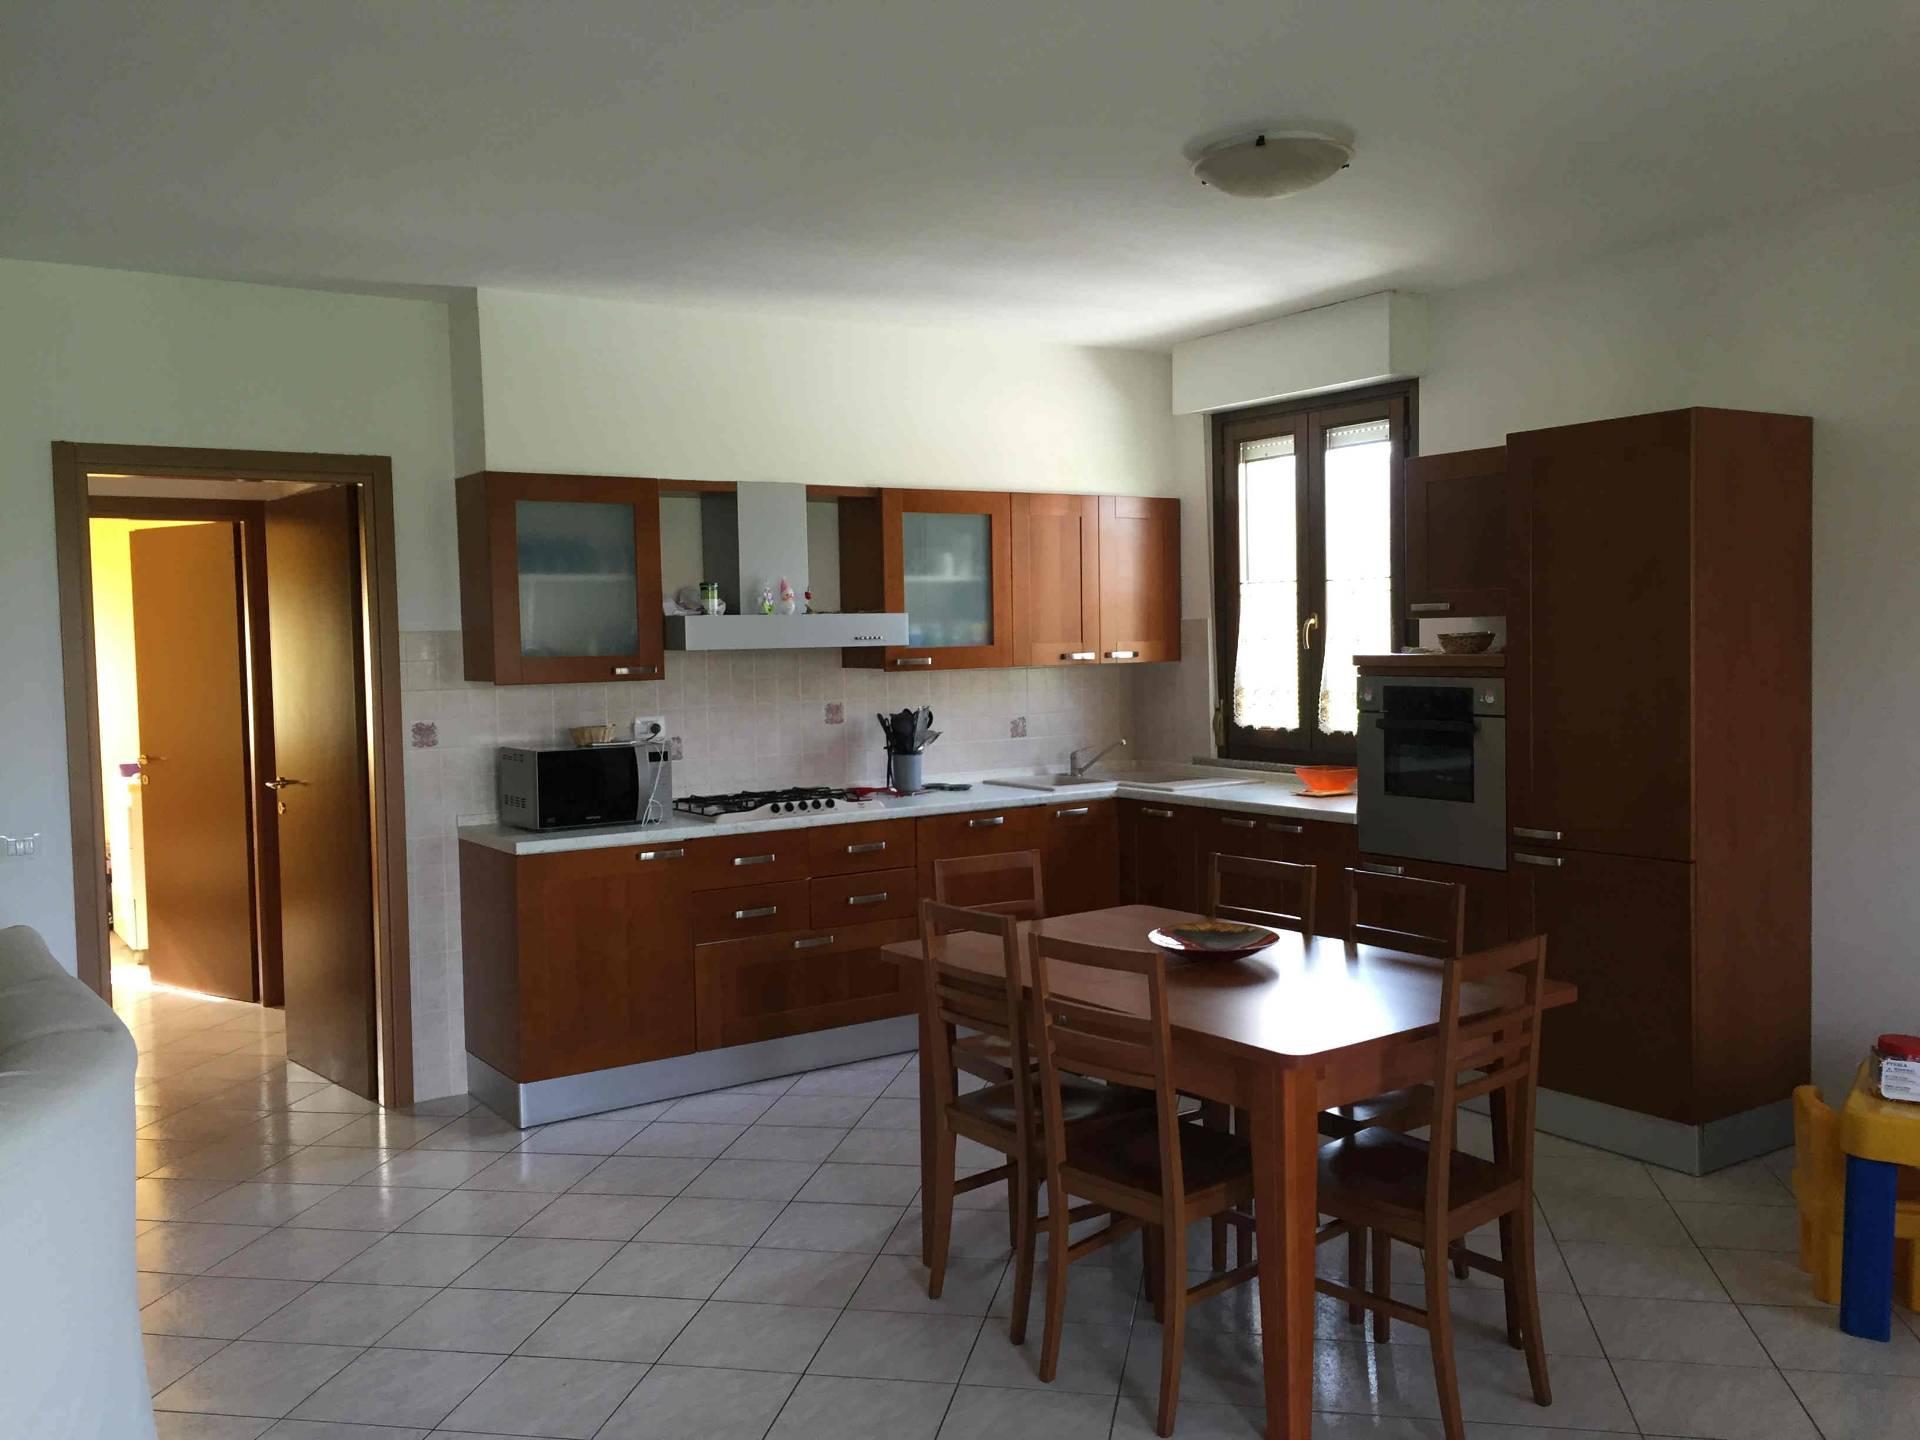 Appartamento in vendita a Genga, 5 locali, prezzo € 120.000 | CambioCasa.it